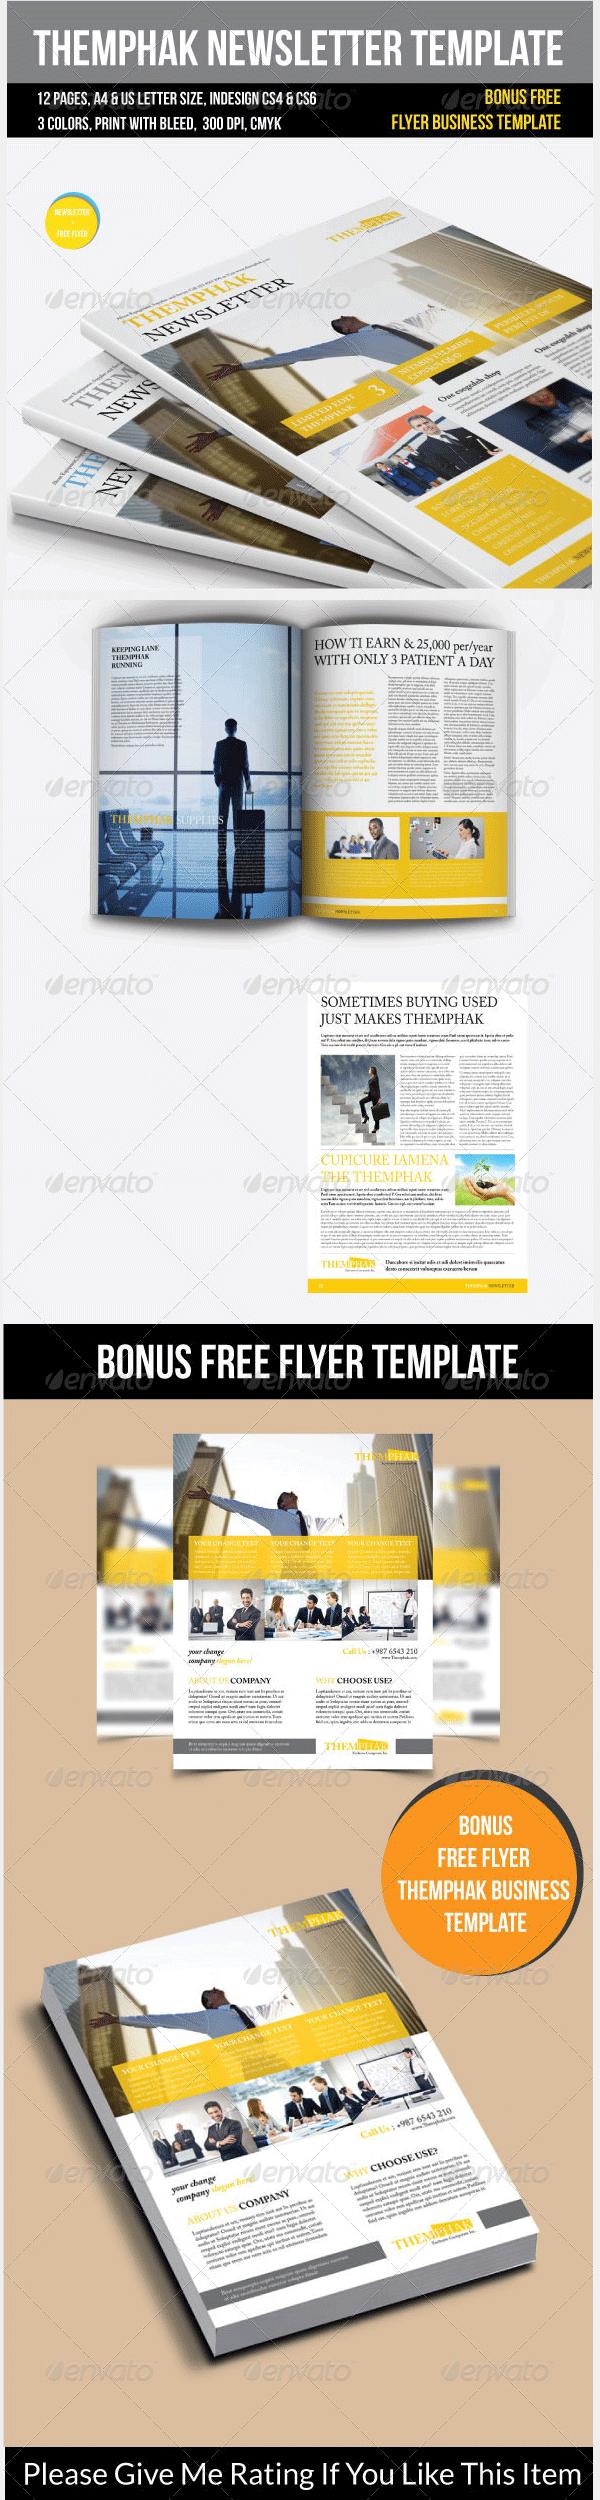 themphak newsletter template